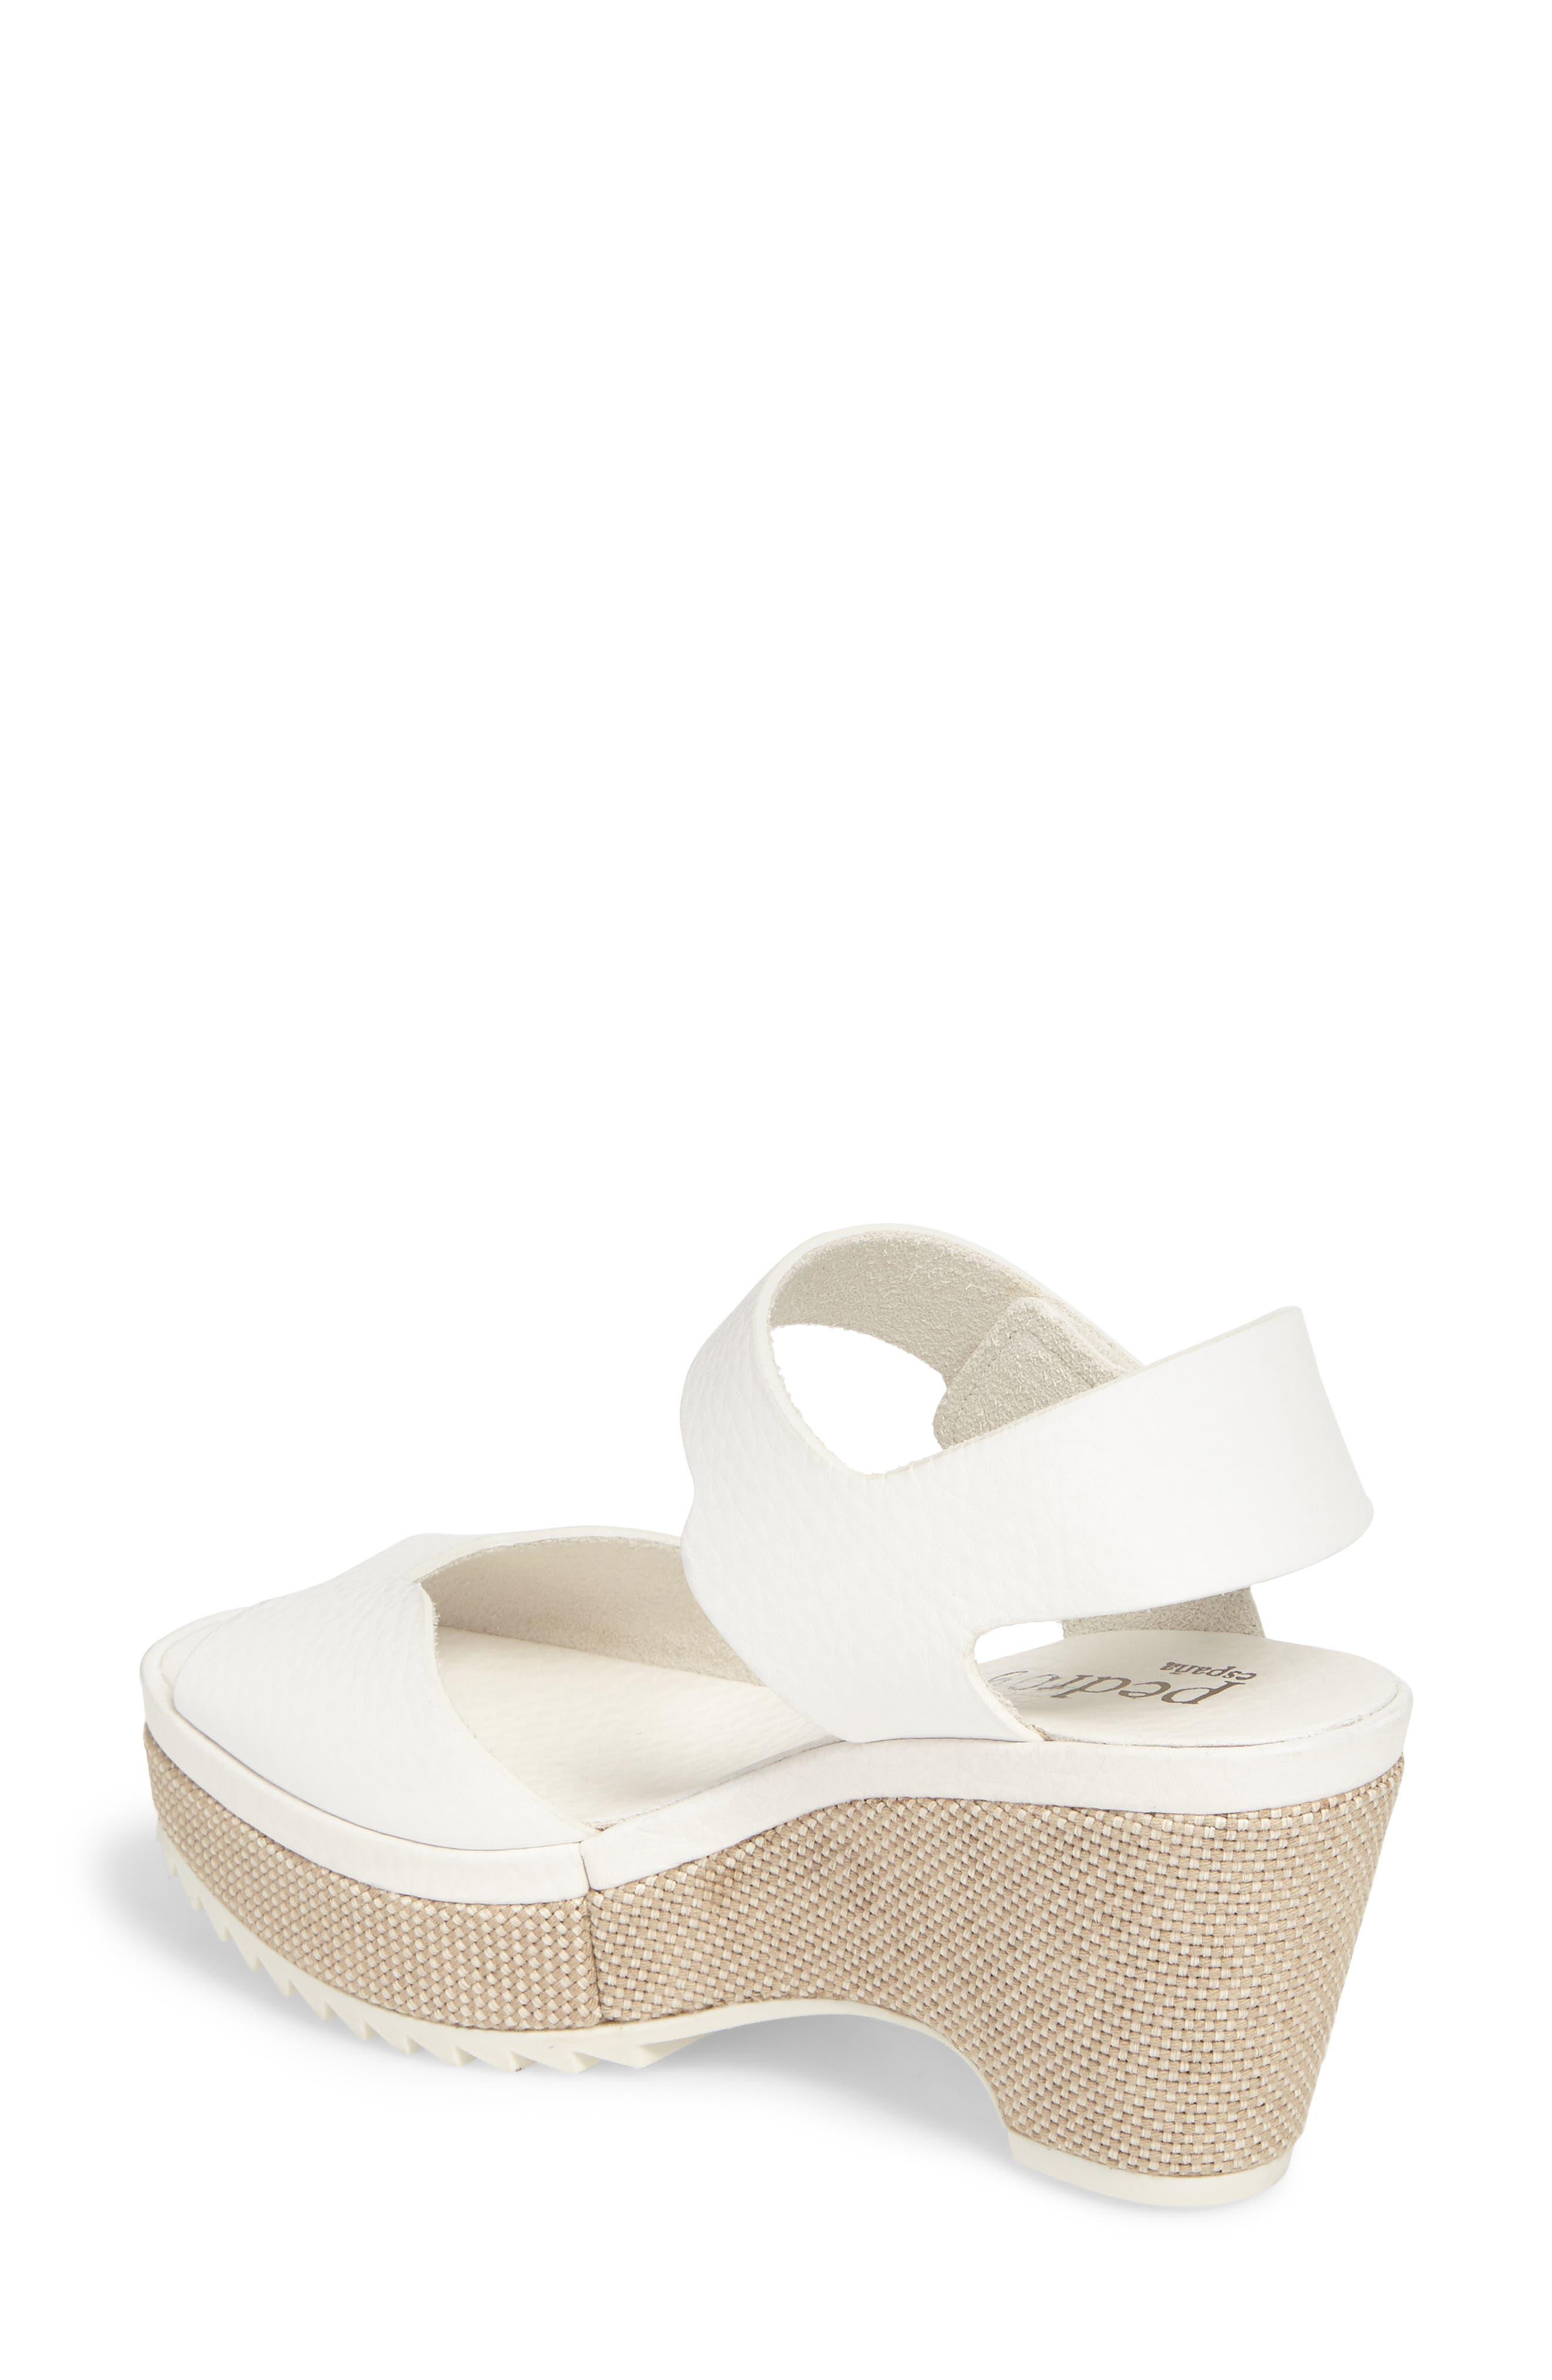 Fah Wedge Sandal,                             Alternate thumbnail 2, color,                             White Cervo